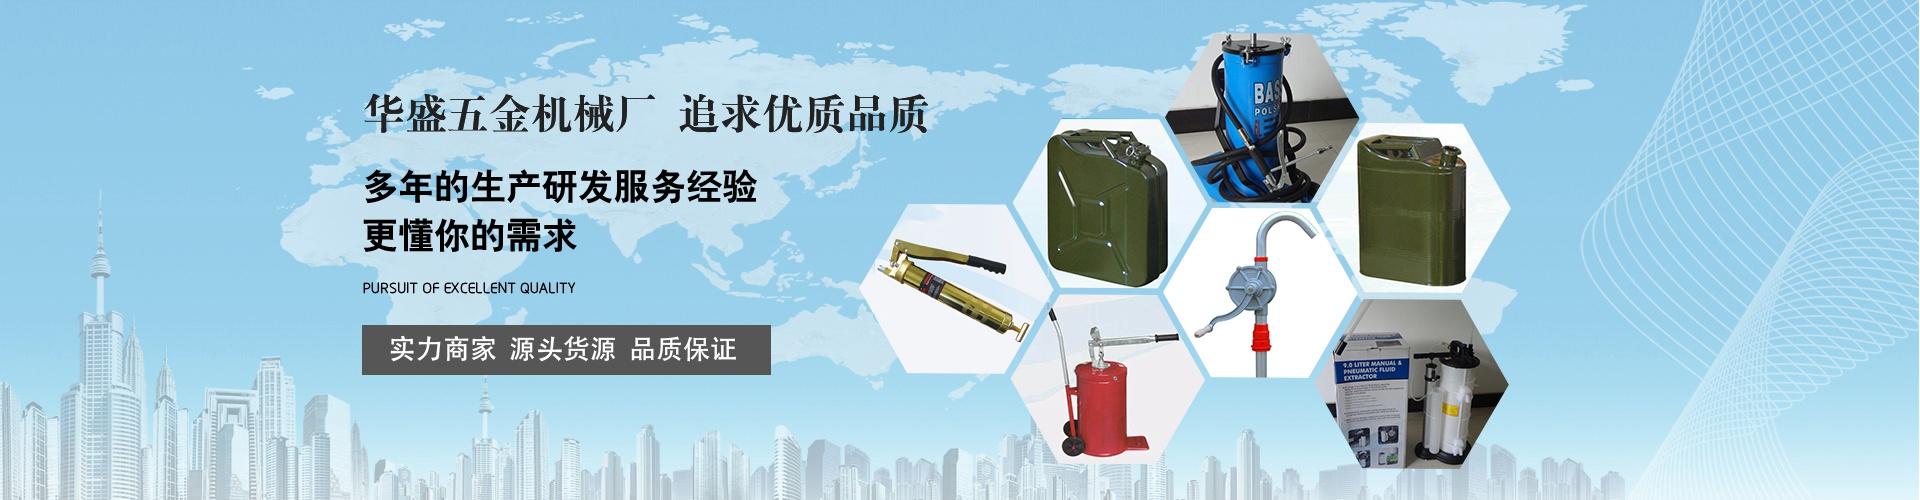 16升黄油泵和20升黄油泵广告图2